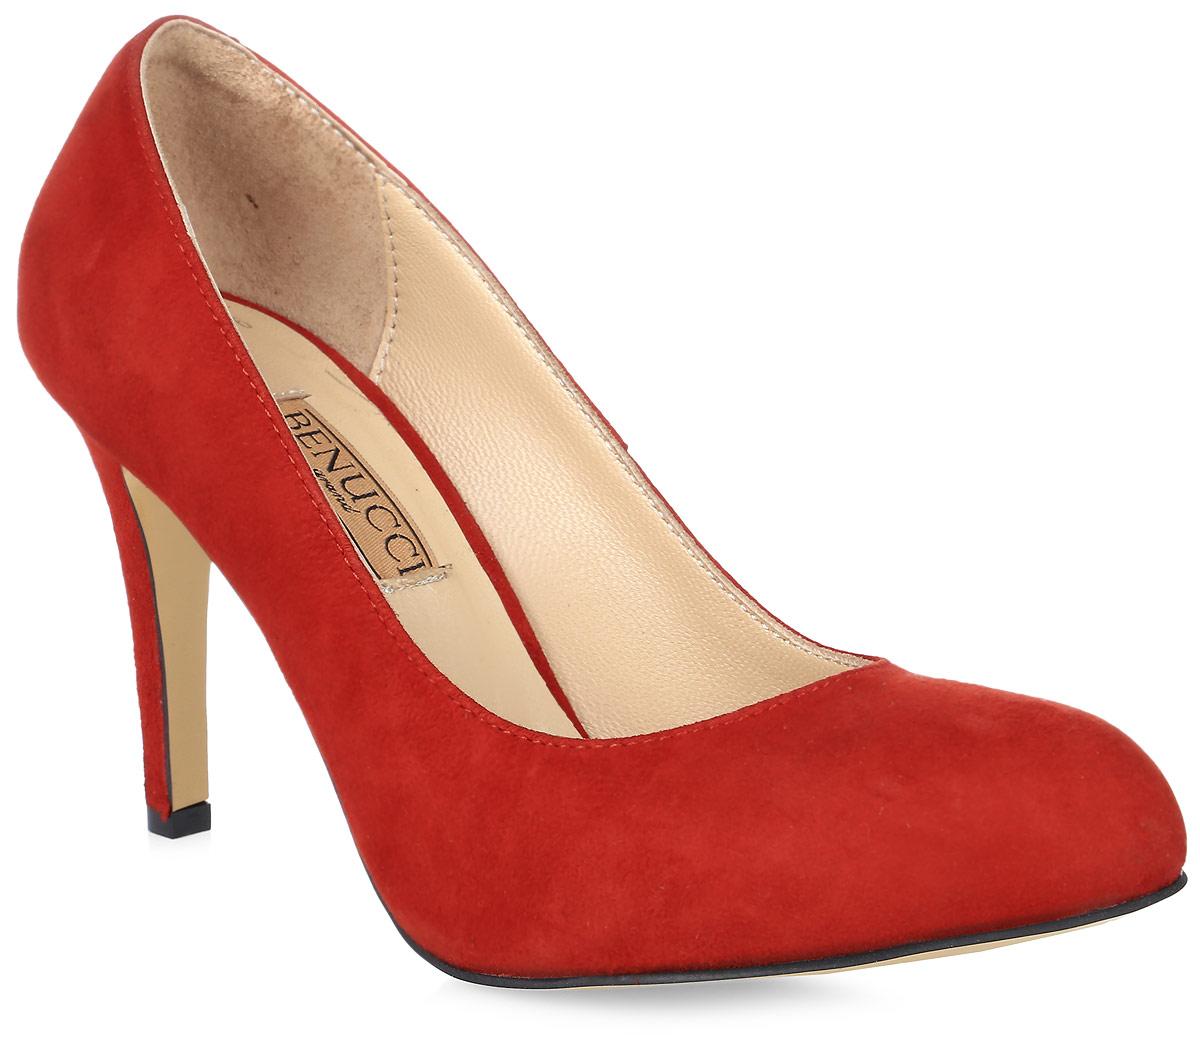 Туфли женские Benucci, цвет: красный. 8070_замша. Размер 388070_замшаЭлегантные женские туфли от Benucci займут достойное место в коллекции вашей обуви. Модель изготовлена из высококачественной натуральной замши. Невероятно мягкая стелька из натуральной кожи, дополненная логотипом бренда, обеспечивает максимальный комфорт при движении. Высокий каблук устойчив. Подошва с рифлением не скользит. Изысканные туфли добавят шика в модный образ и подчеркнут ваш безупречный вкус.